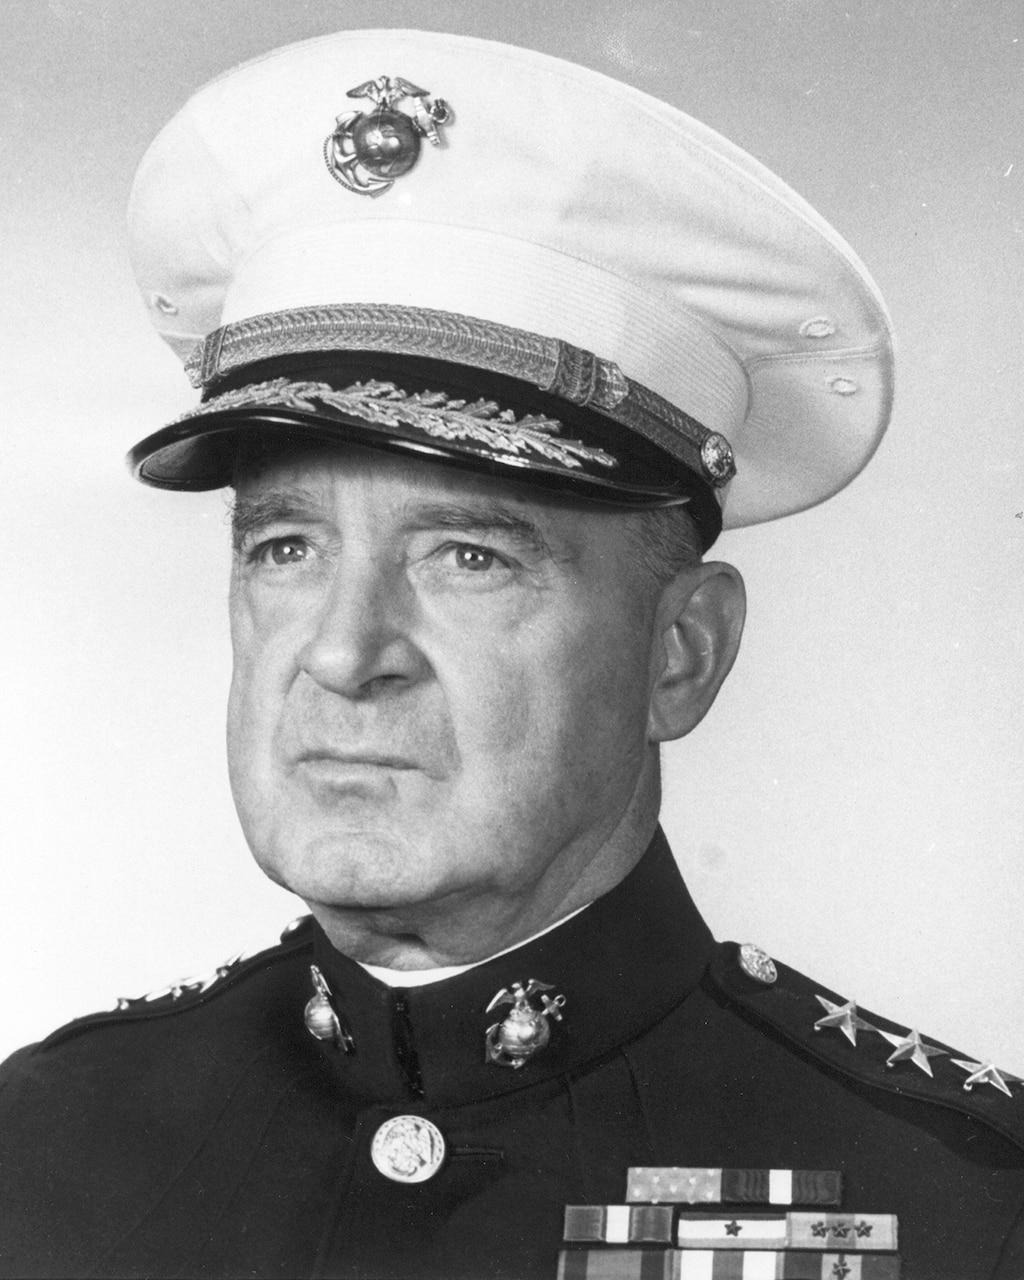 Marine Corps Maj. Gen. Alexander Vandegrift head shot.